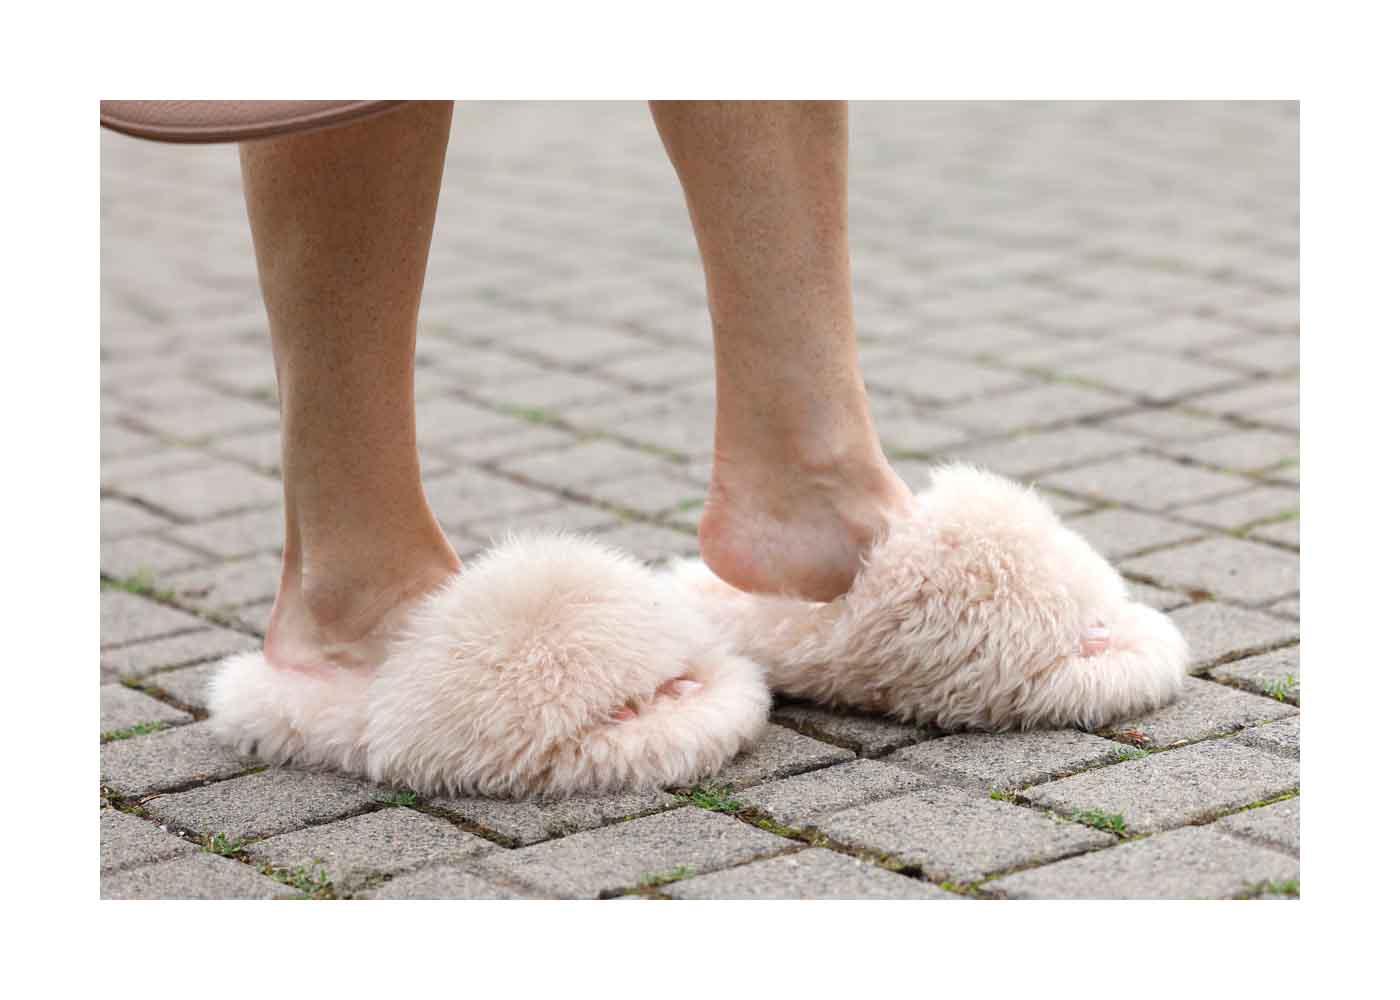 Schuhe als Detail bei einem Streetstyle Shooting mit TV Moderatorin Frauke Ludowig